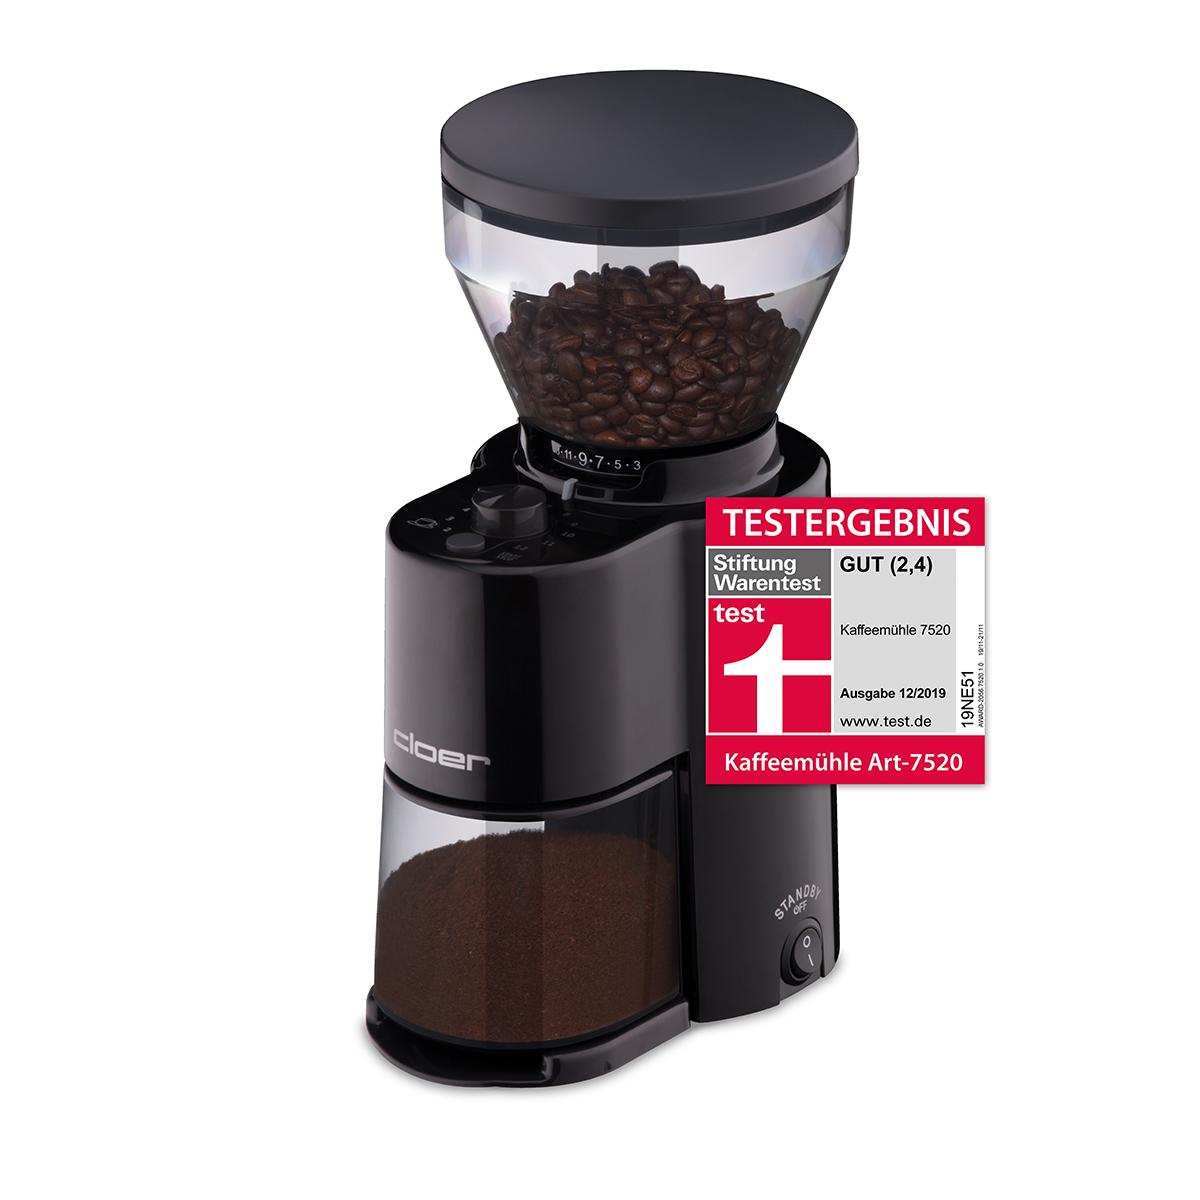 Cloer Kaffeemühle 7520